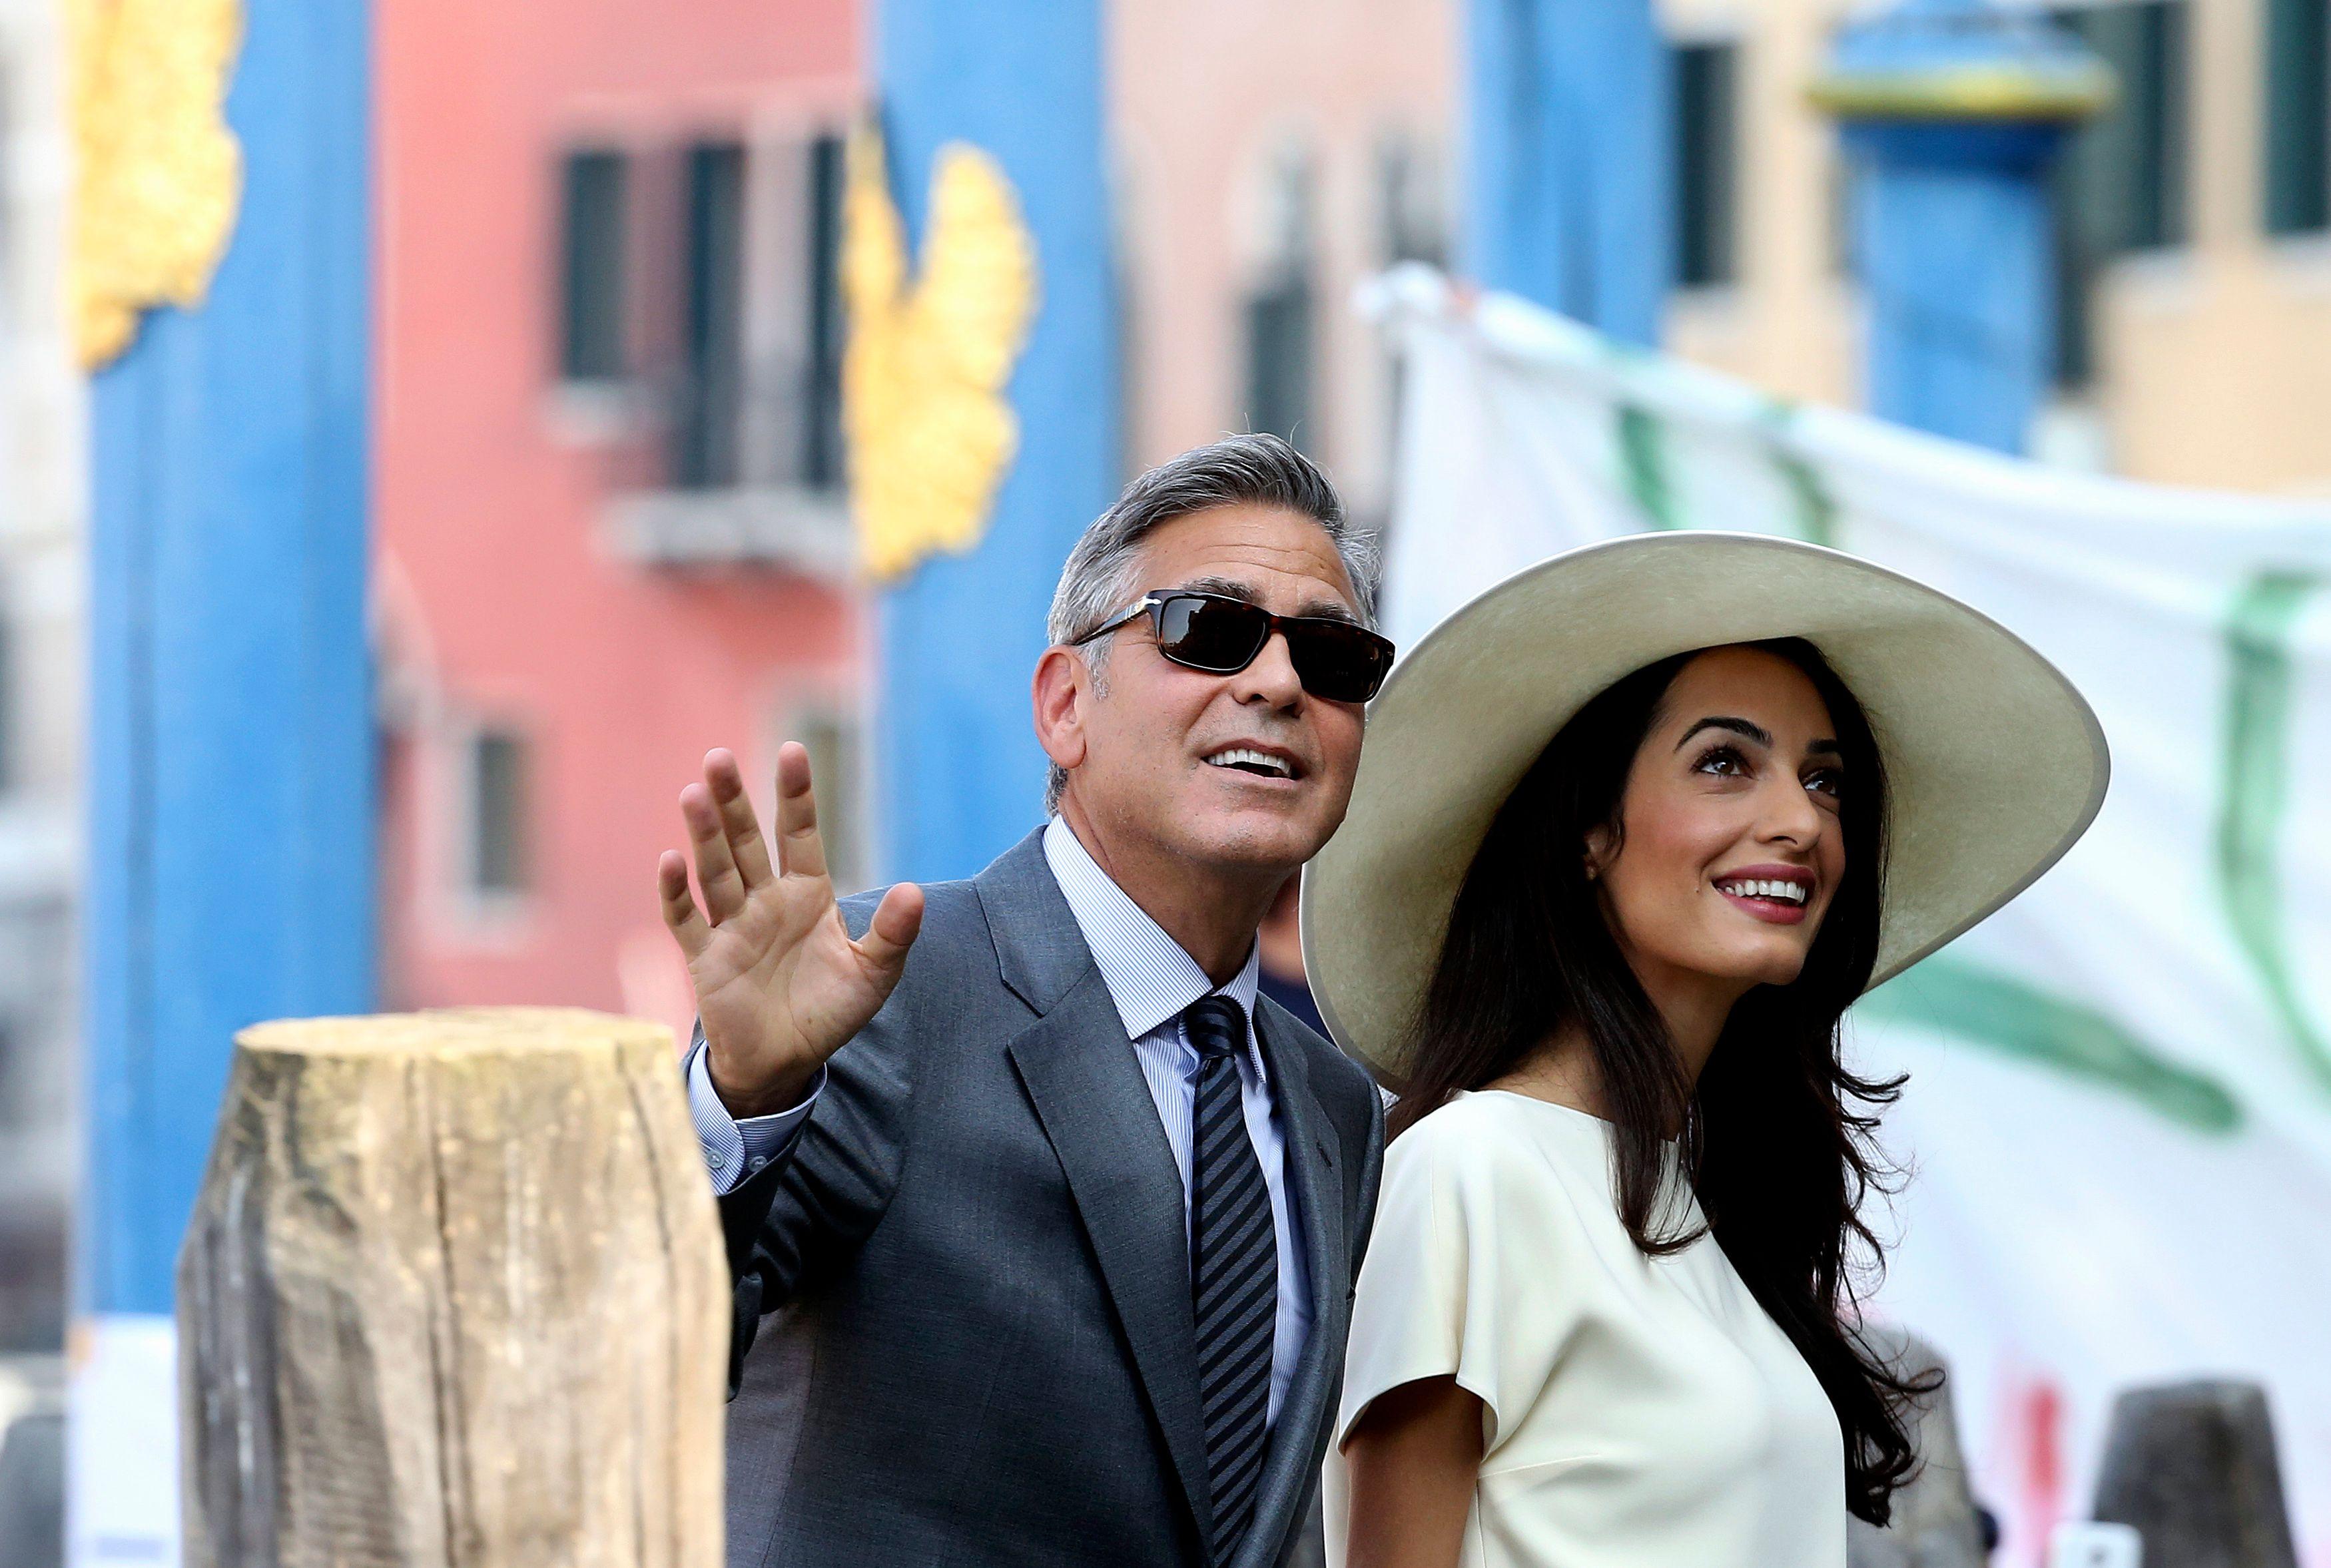 George et Amal Clooney pourront installer des caméras dans leur propriété anglaise de Sonning Eye